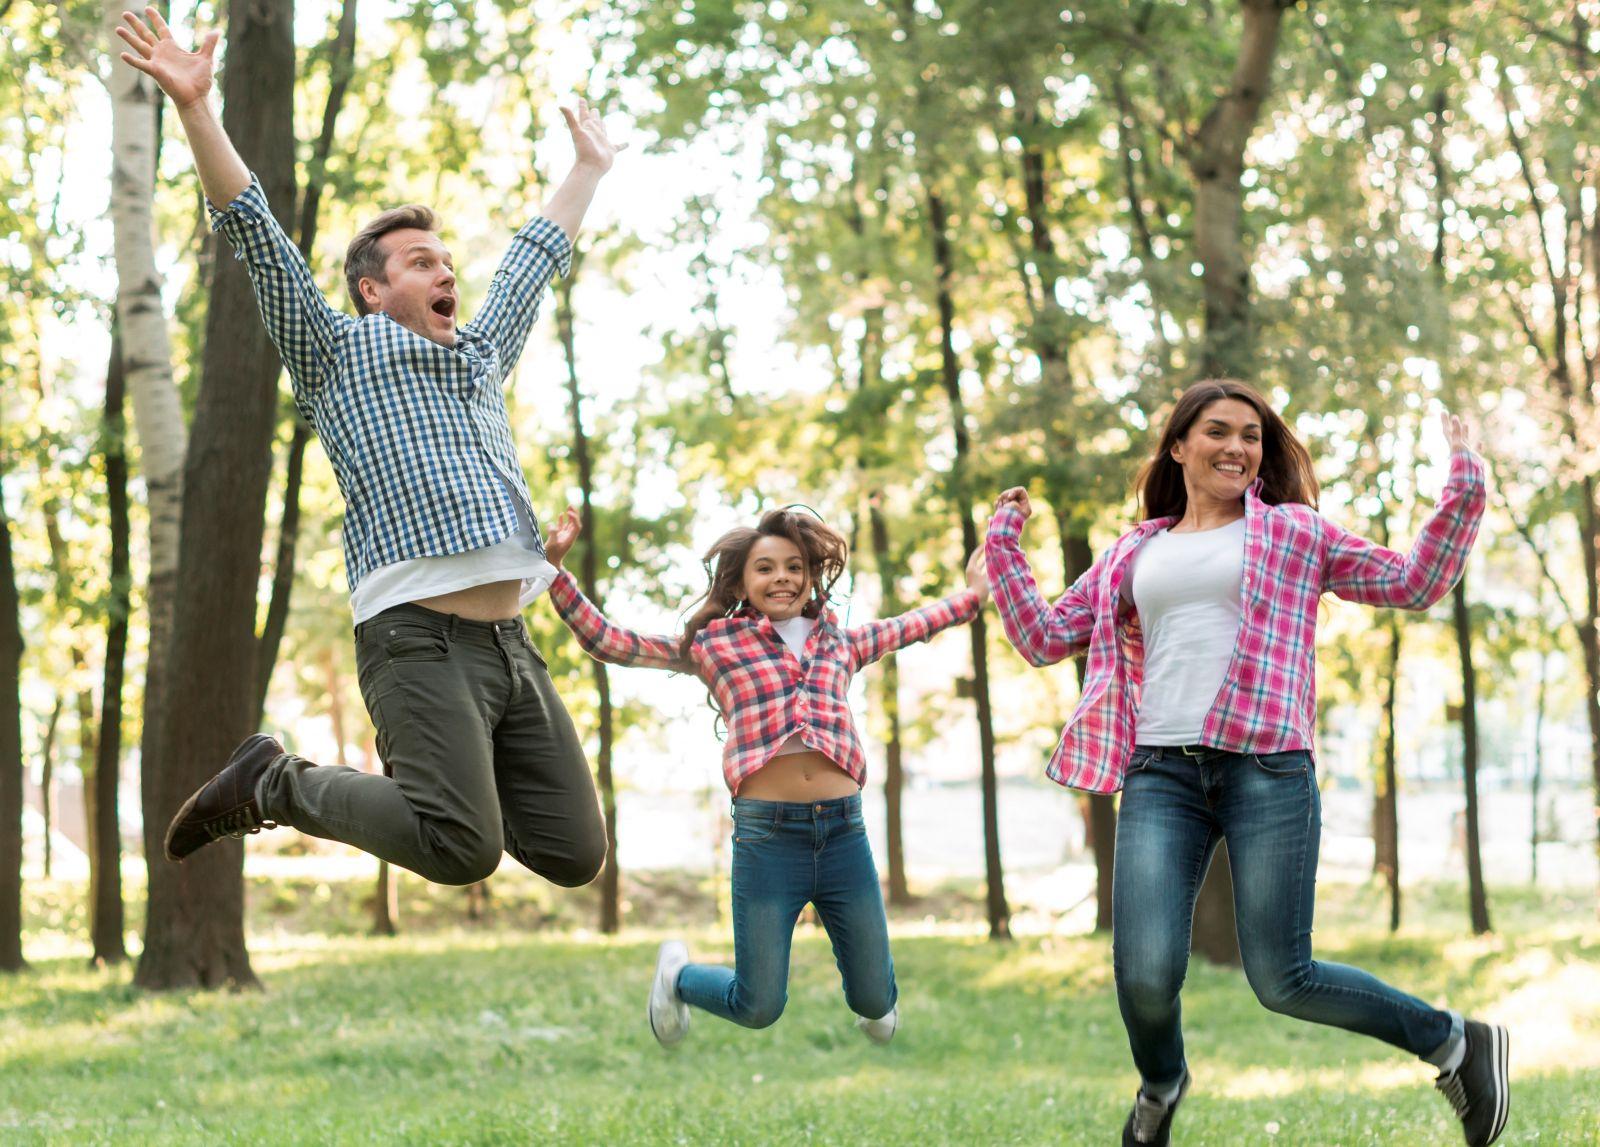 beneficios-de-las-actividades-al-aire-libre-y-del-contacto-con-la-naturaleza